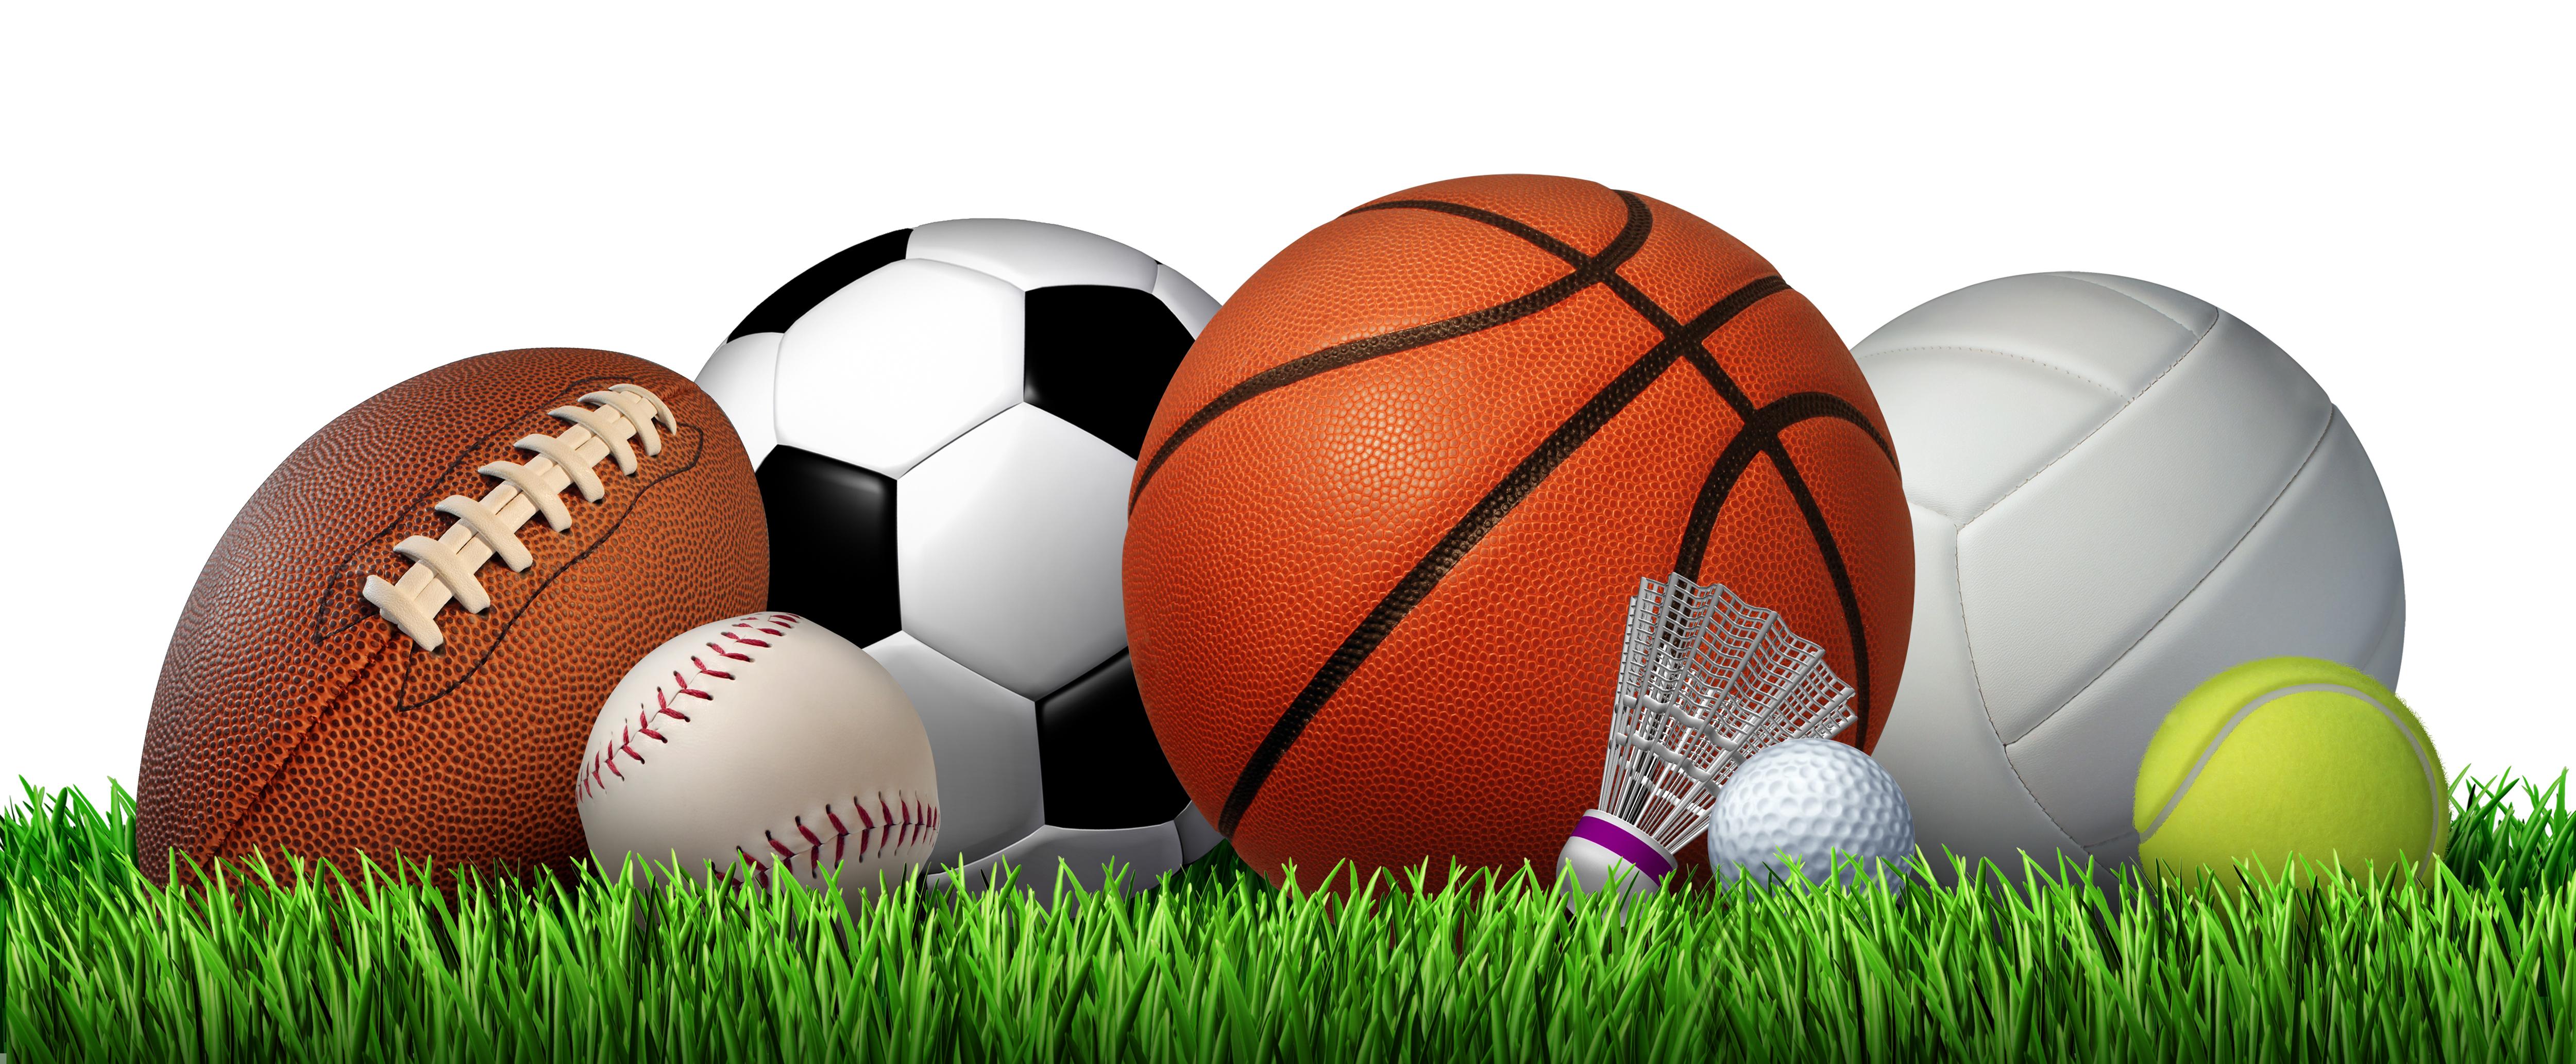 635998236016086028-1083371782_Sports_ball__twitter_.jpg